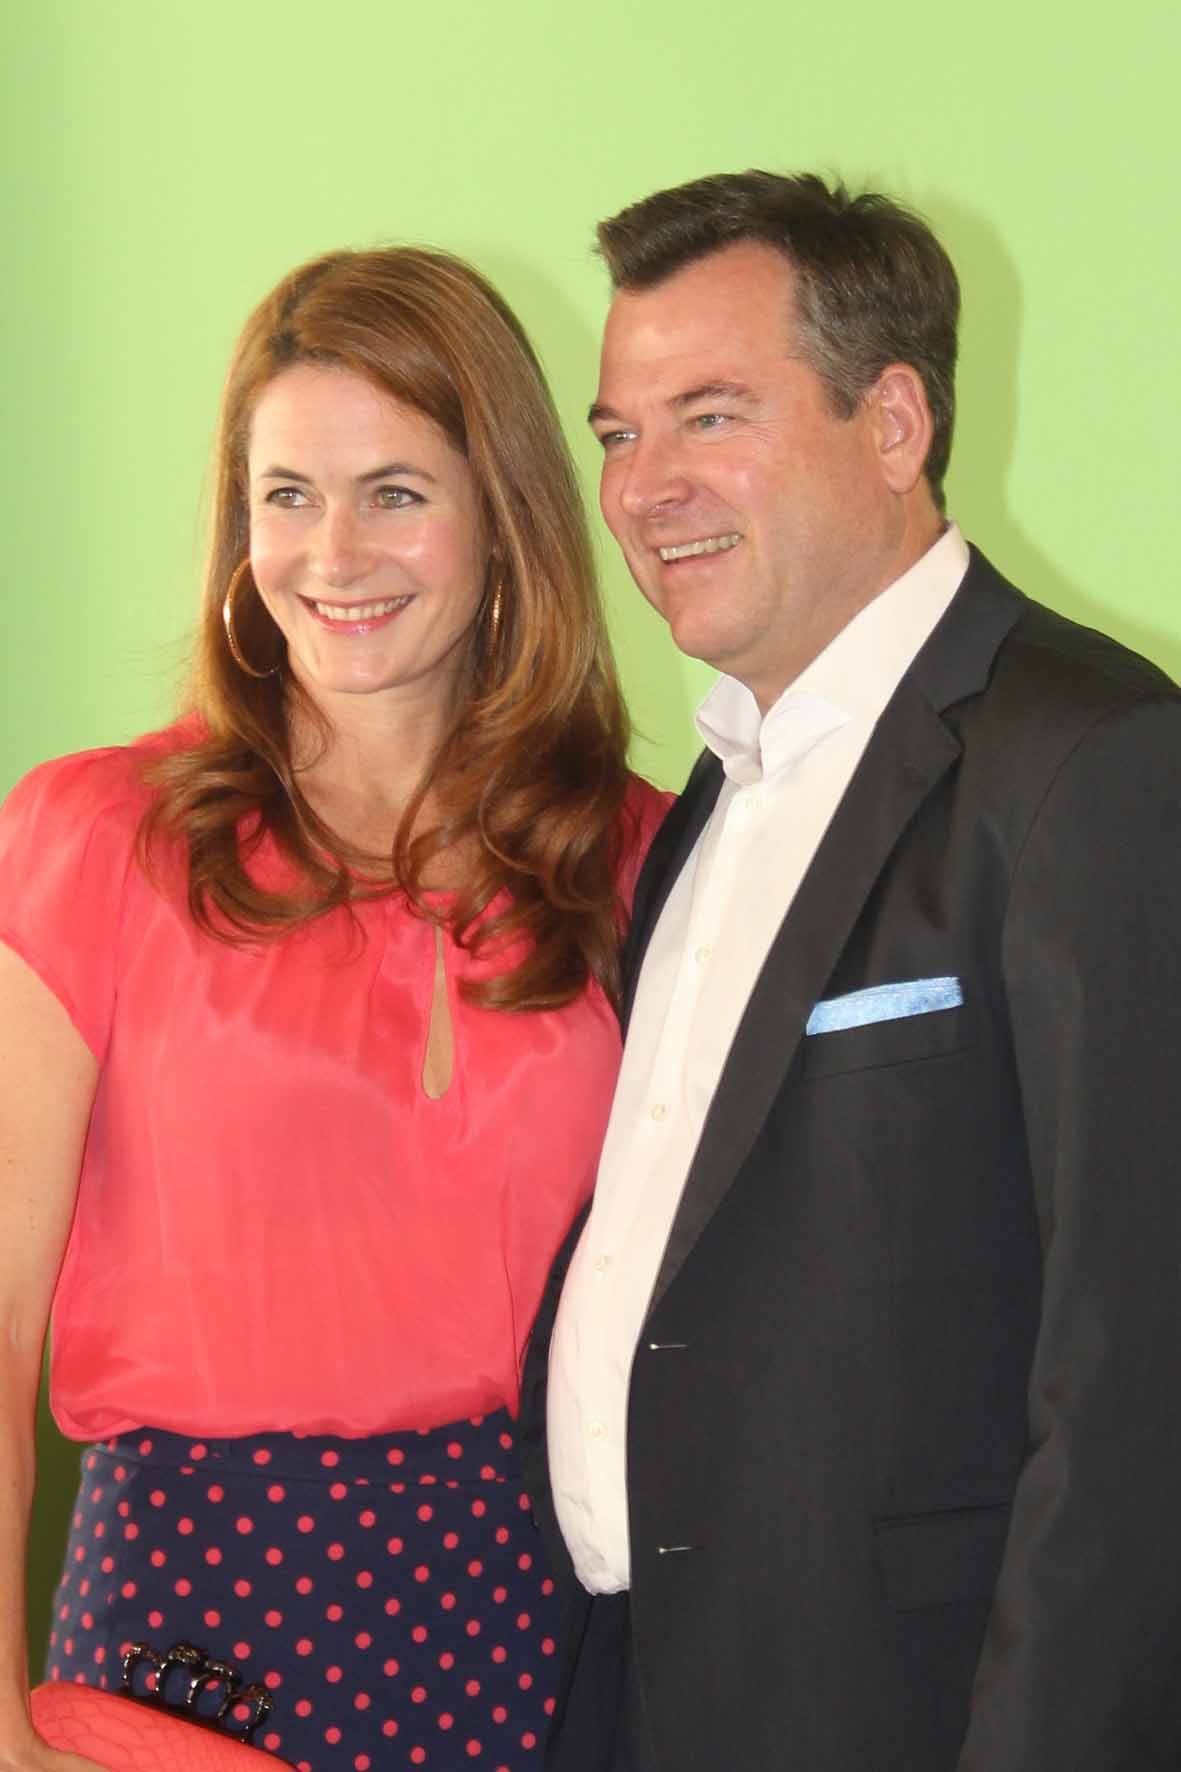 2. Bgm. von München Josef Schmid mit Gattin Natalie